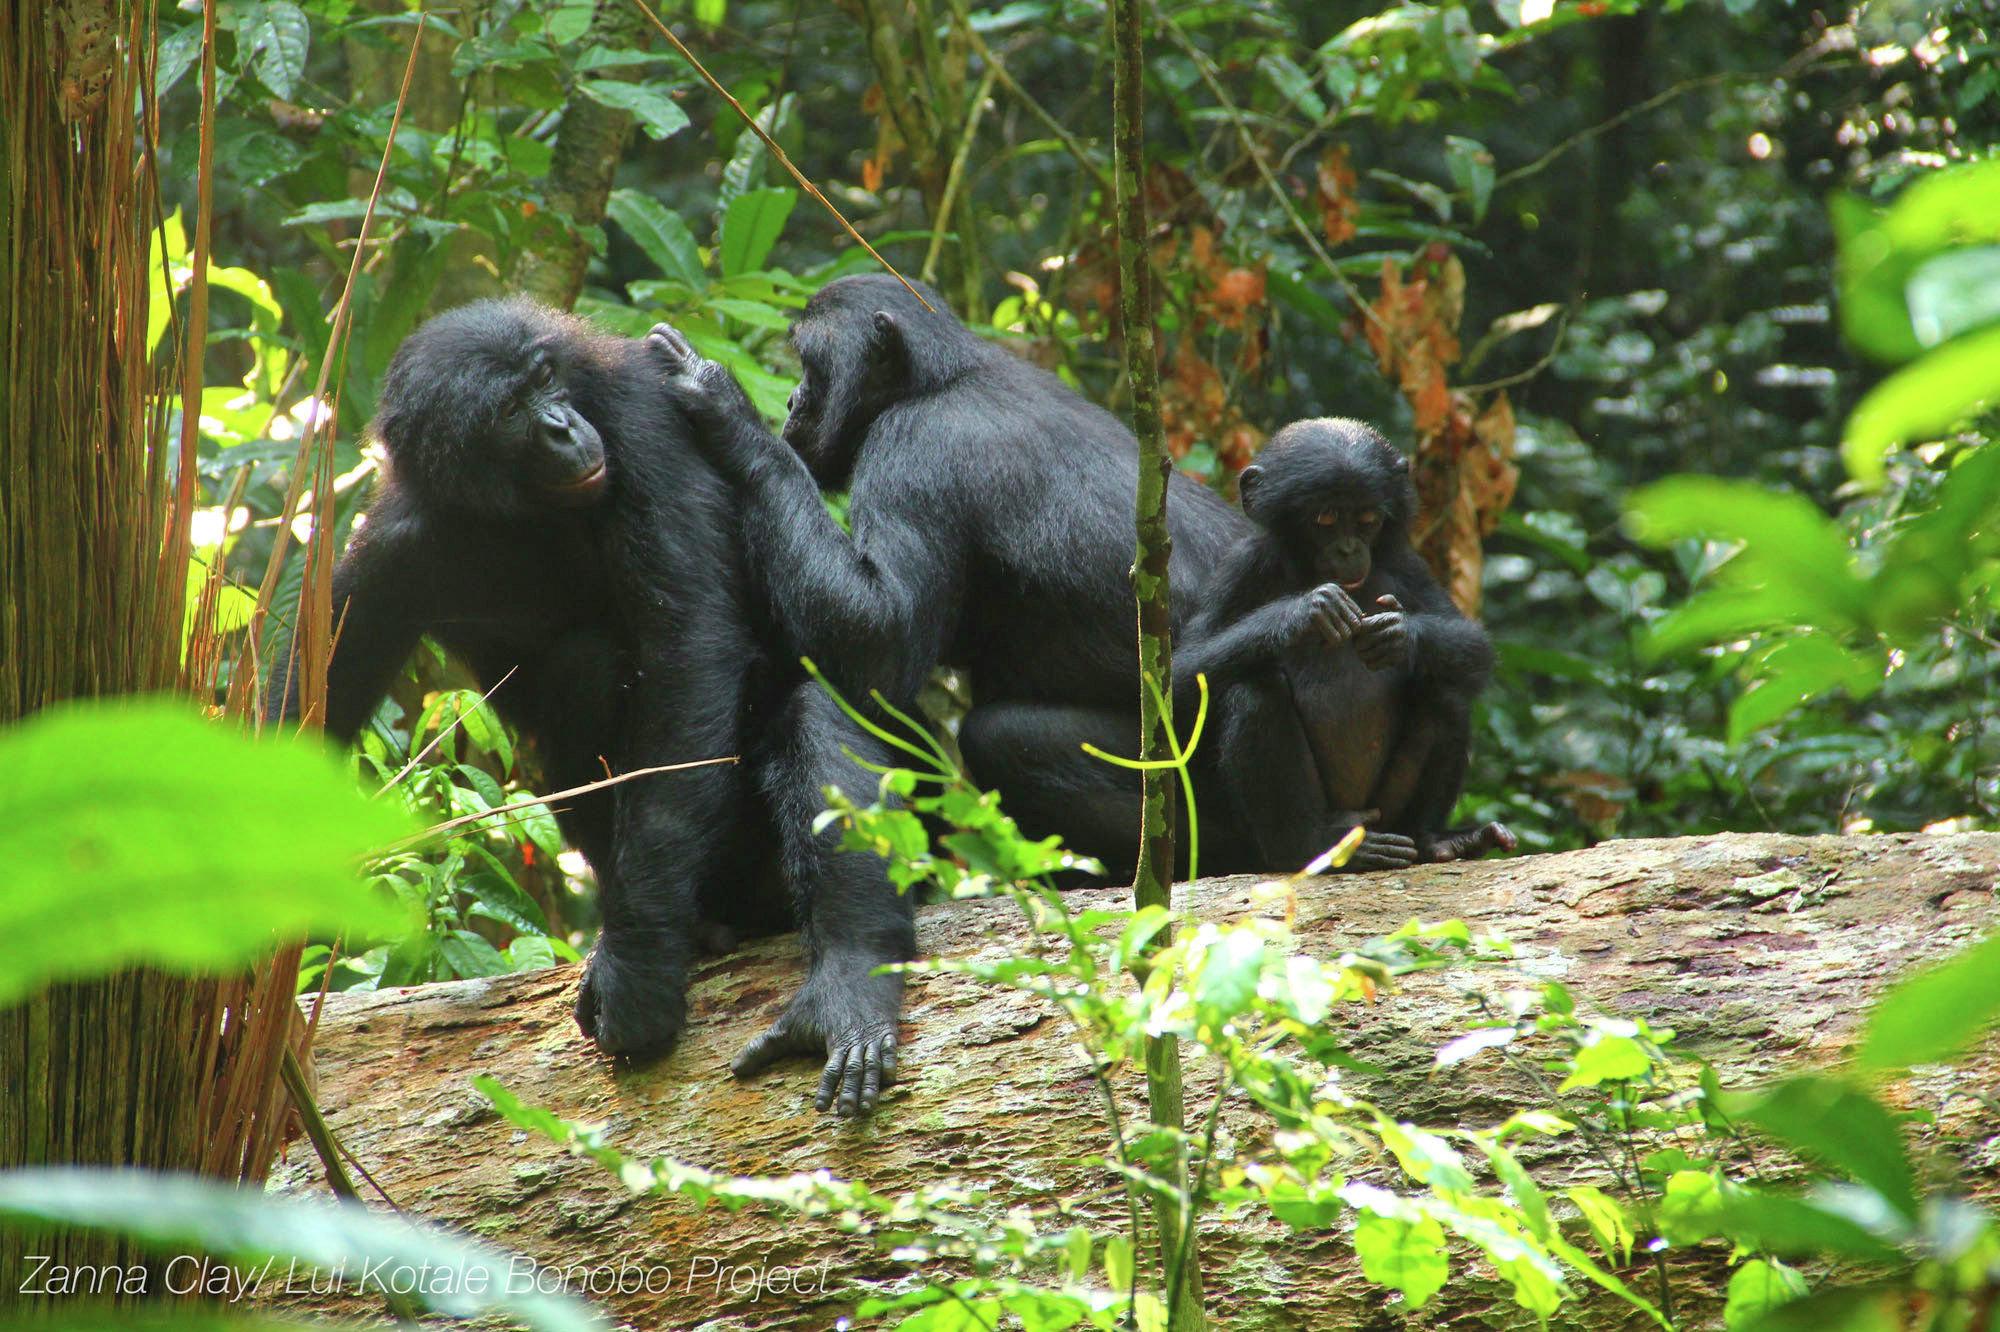 Šimpanze bonobo (Pan paniscus)